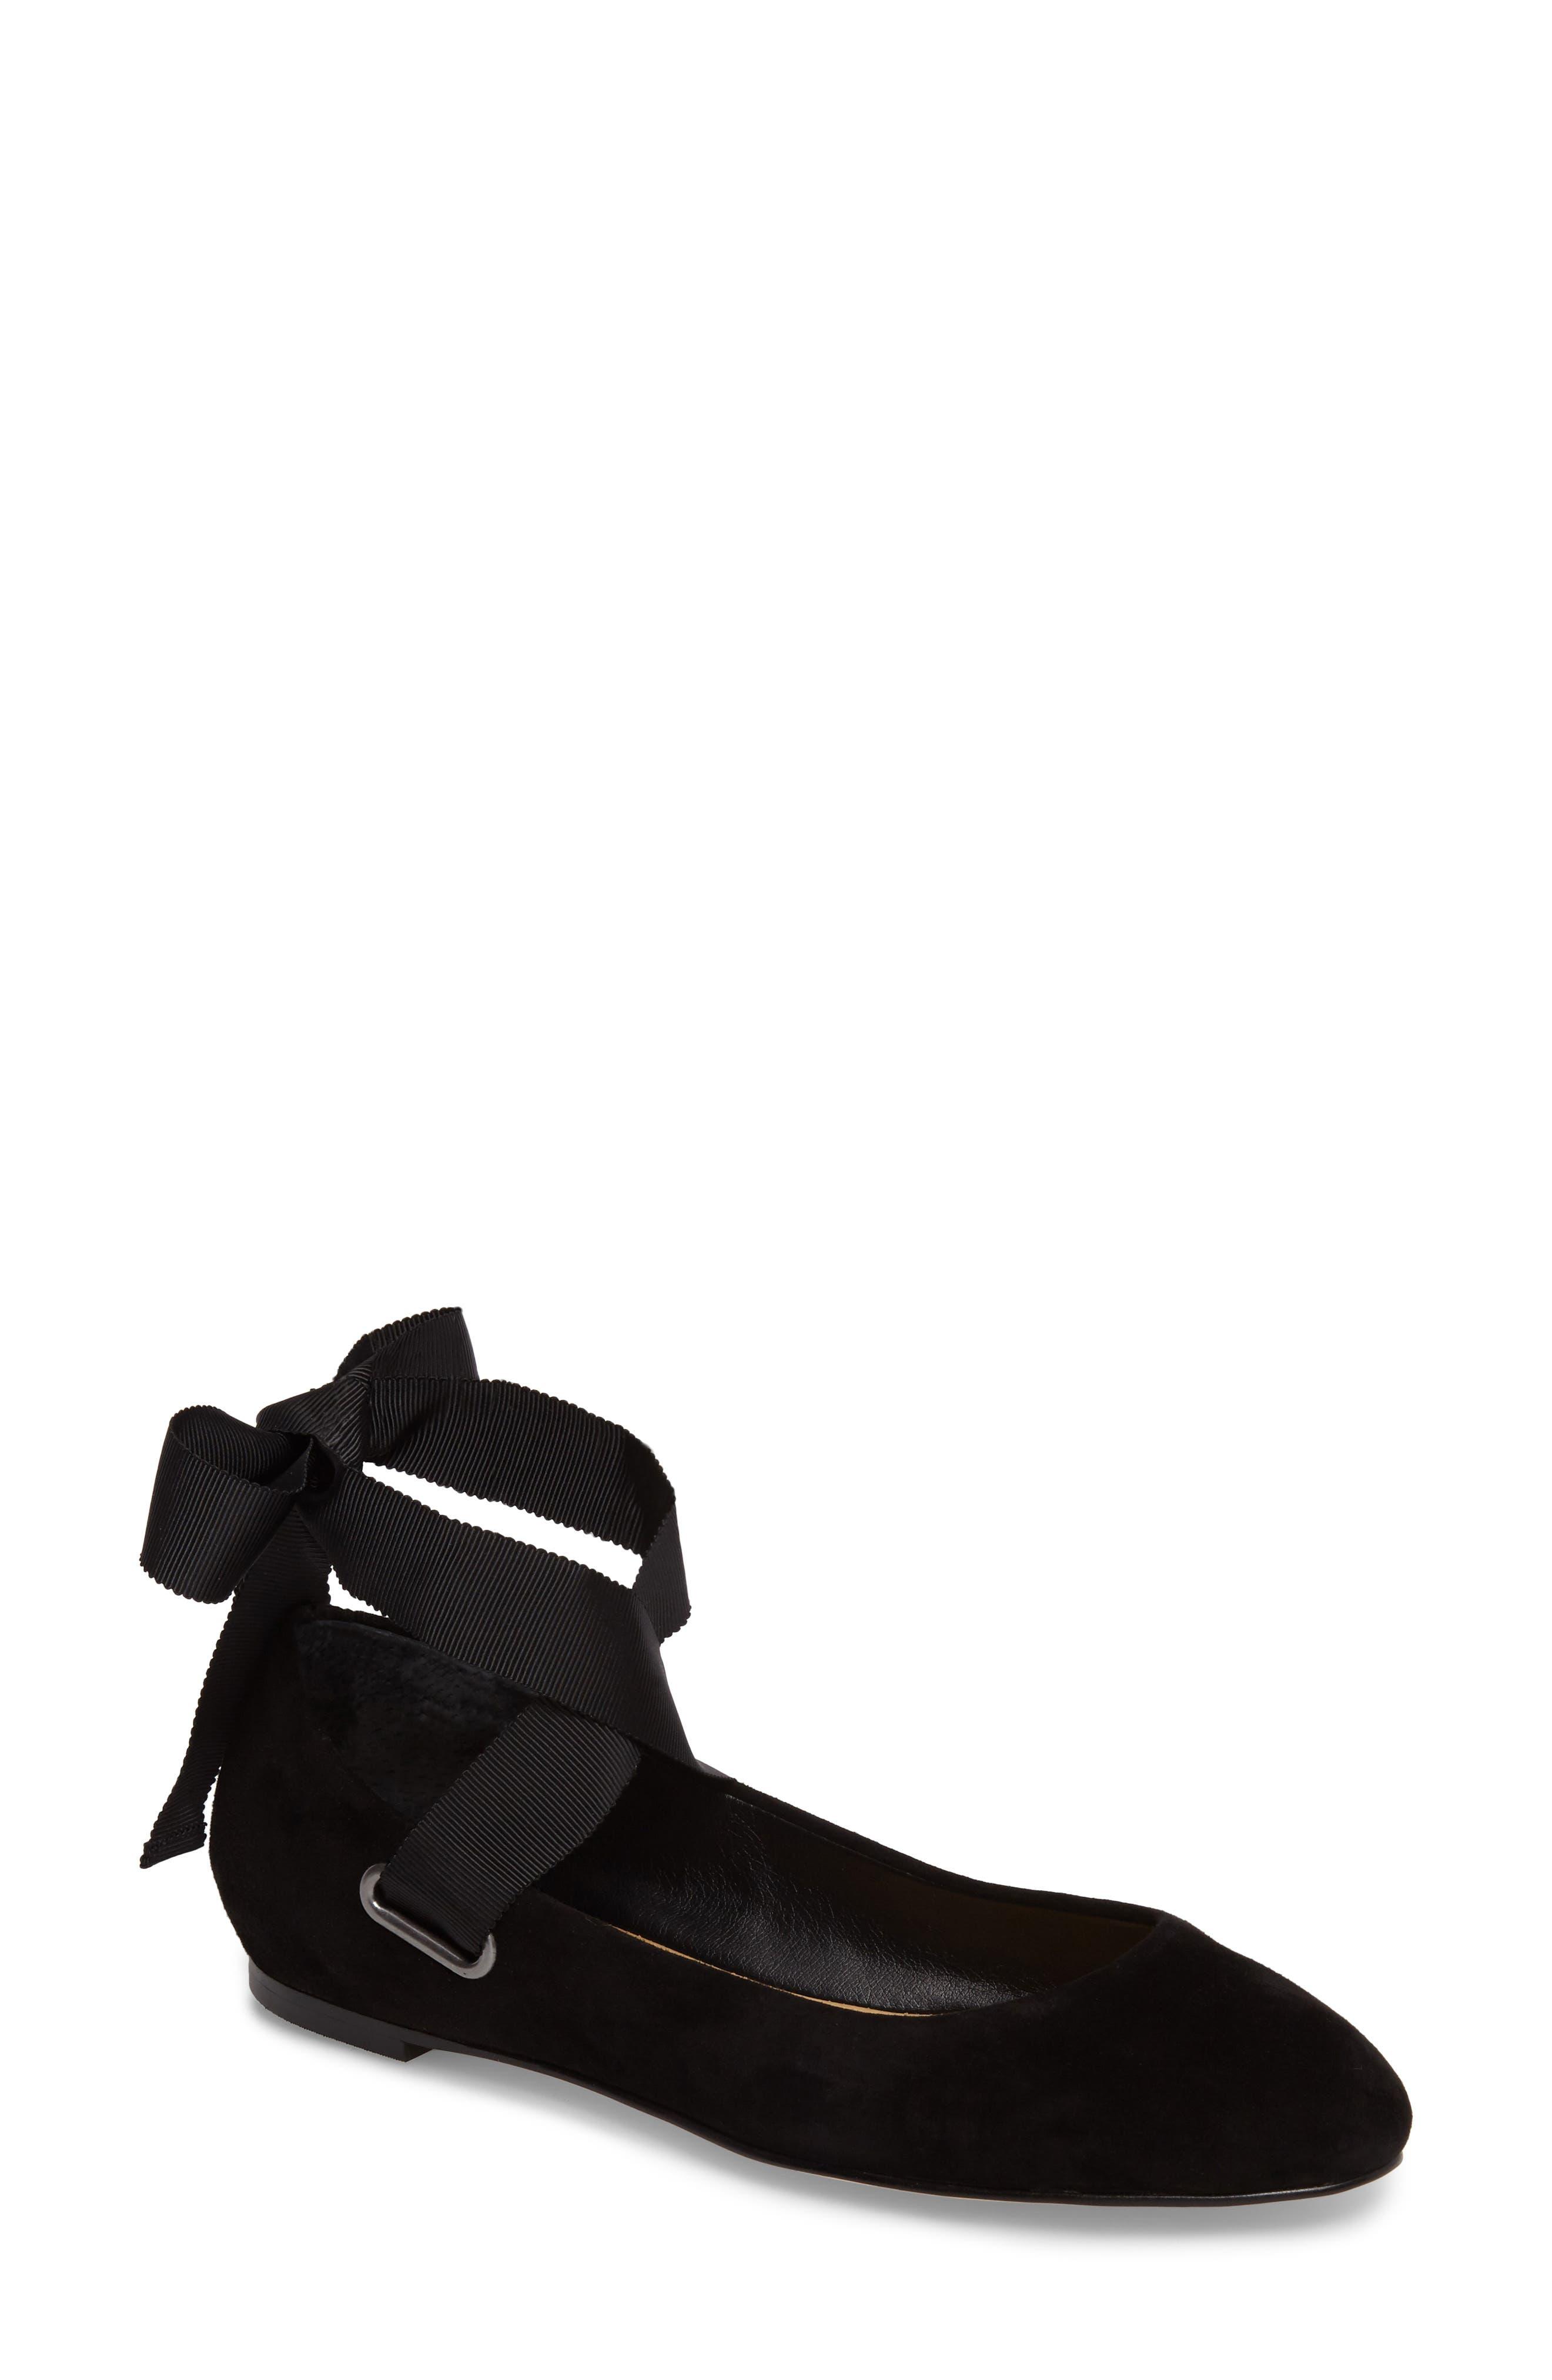 SPLENDID Renee Ankle Tie Flat, Main, color, 013